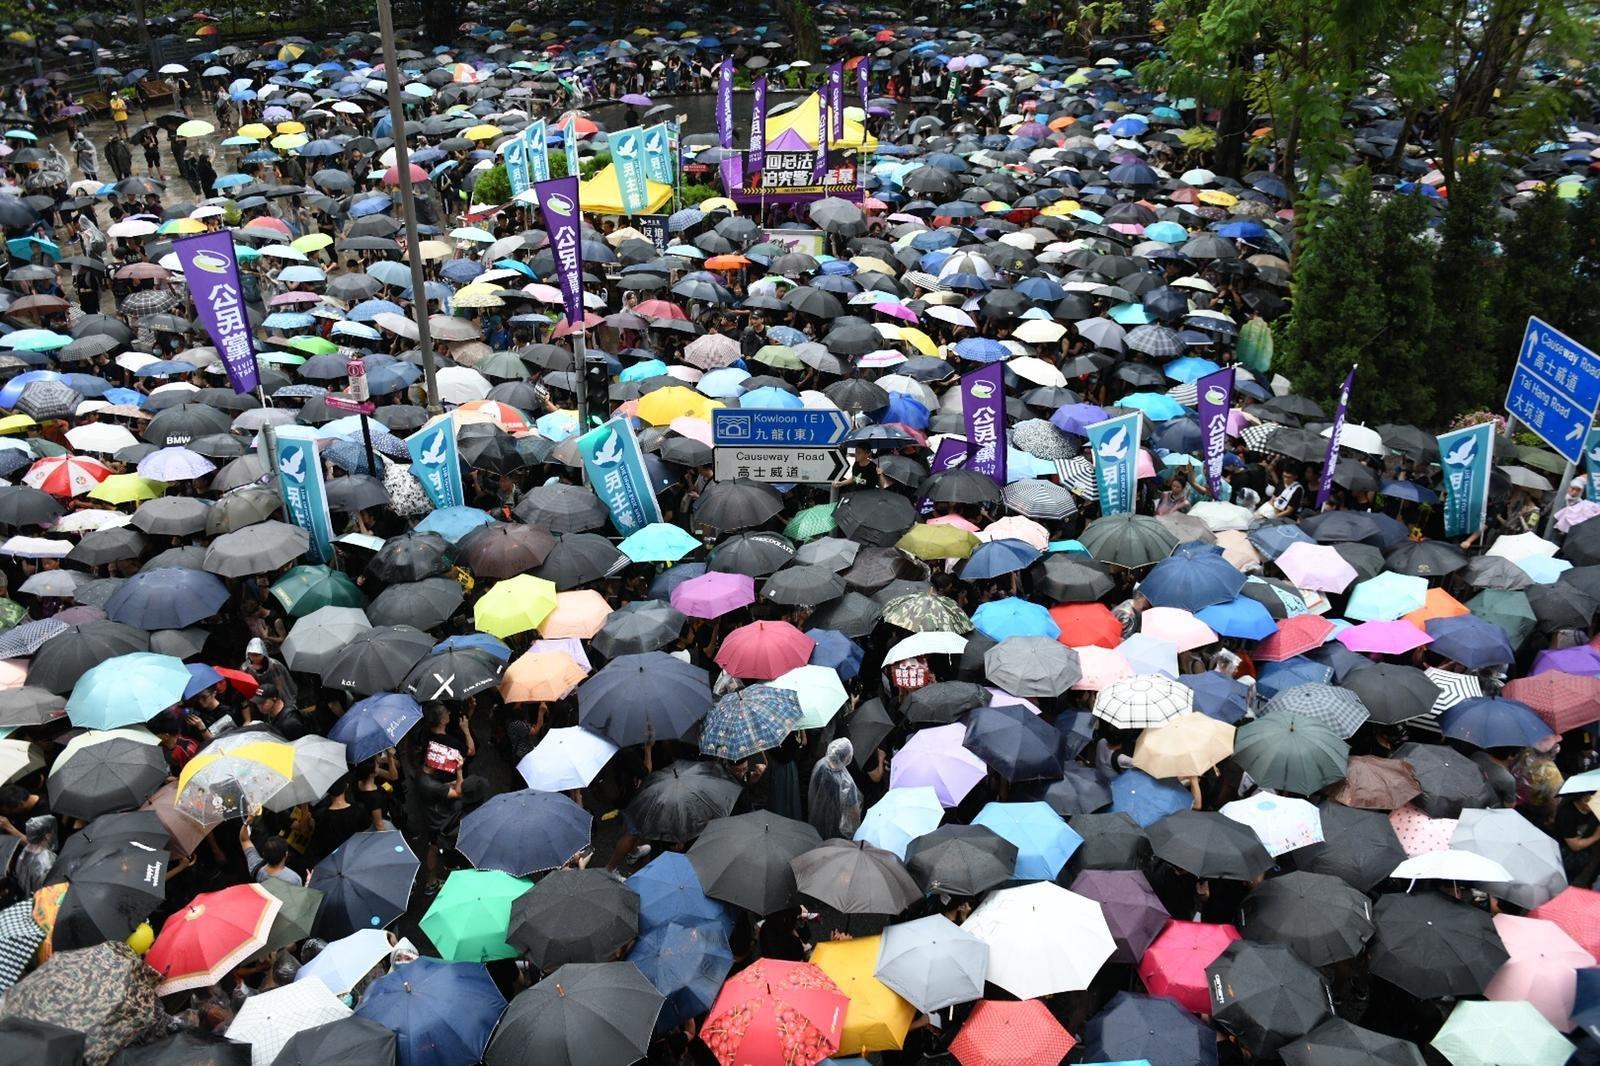 Hong Kong's subway operator says it will shut down service at signs of violence